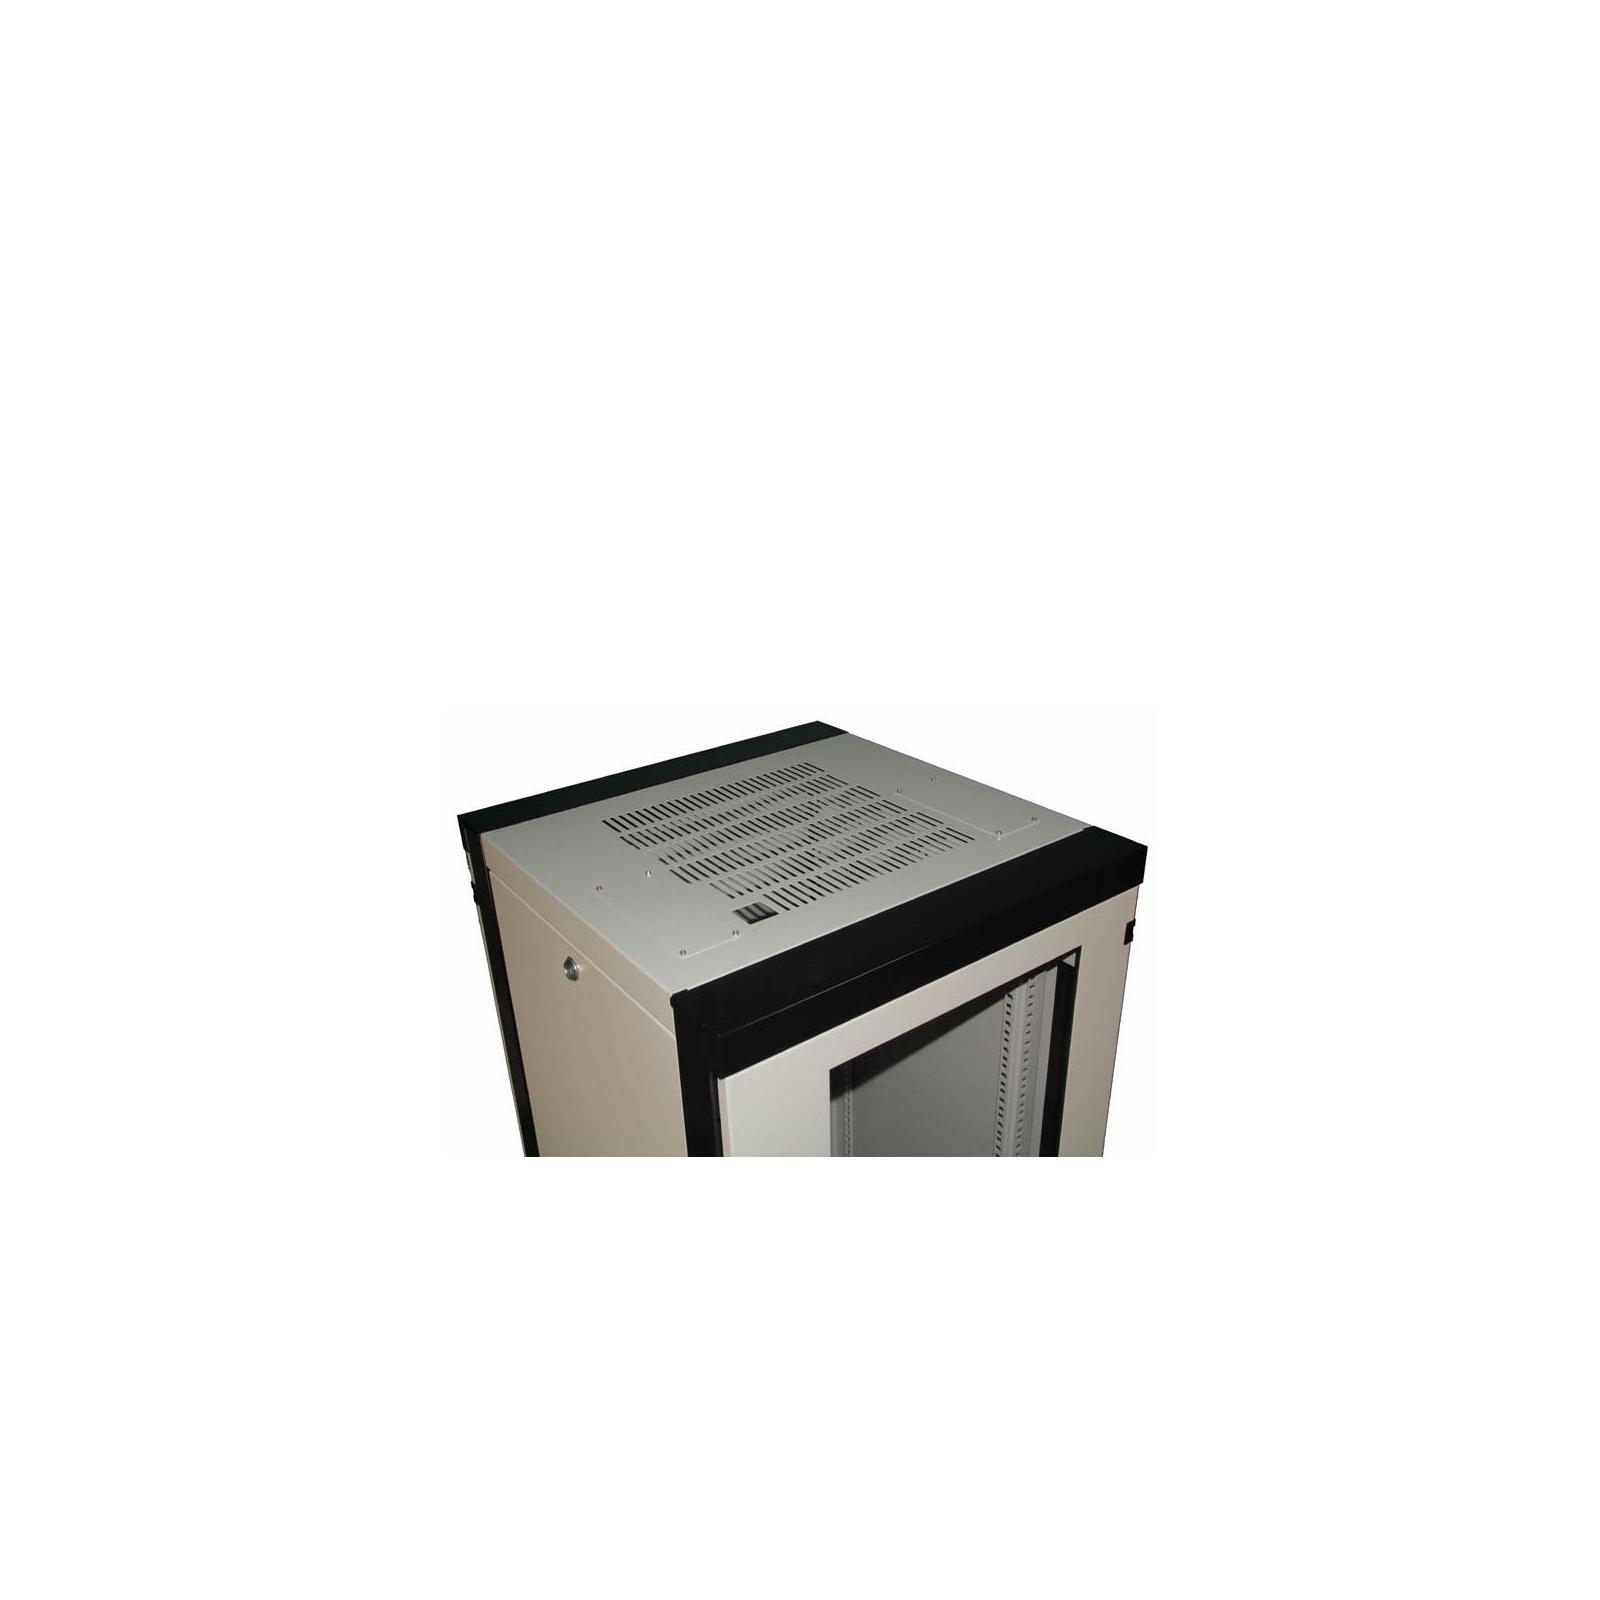 Шкаф напольный CSV 33U Lite Plus 600x600 Perf изображение 5